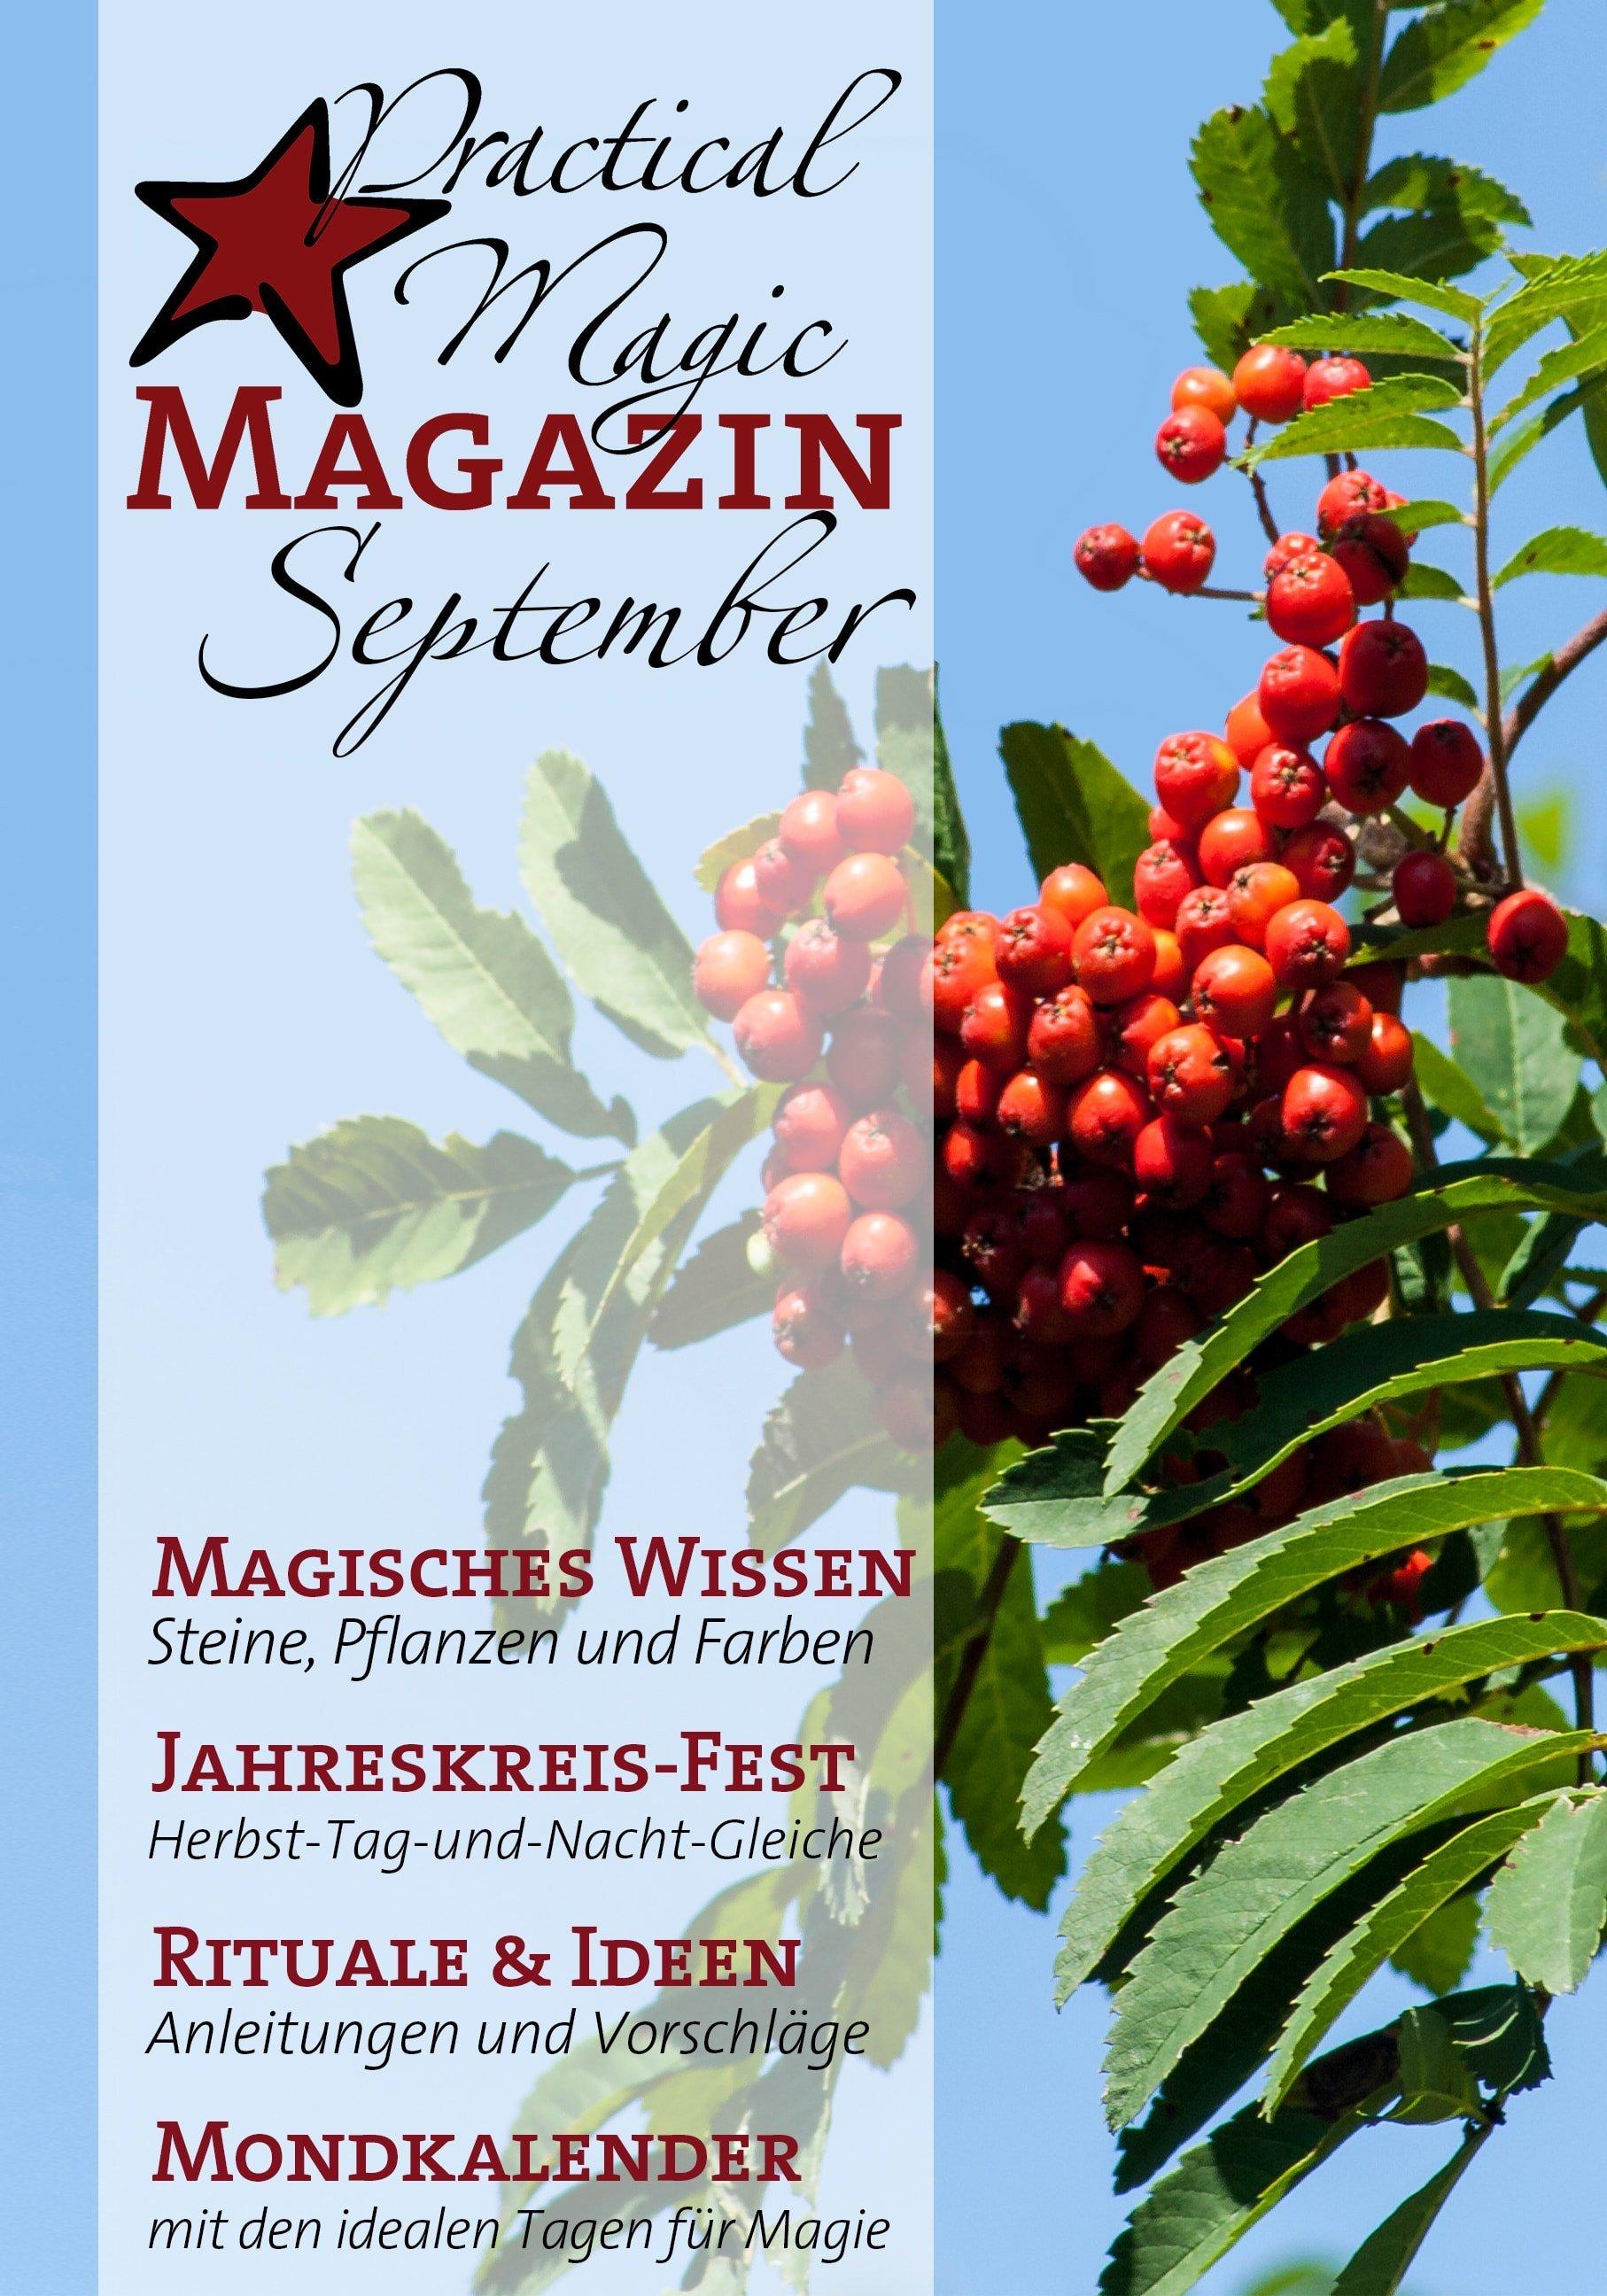 Aktuelle Ausgabe des Practical Magic Magazins